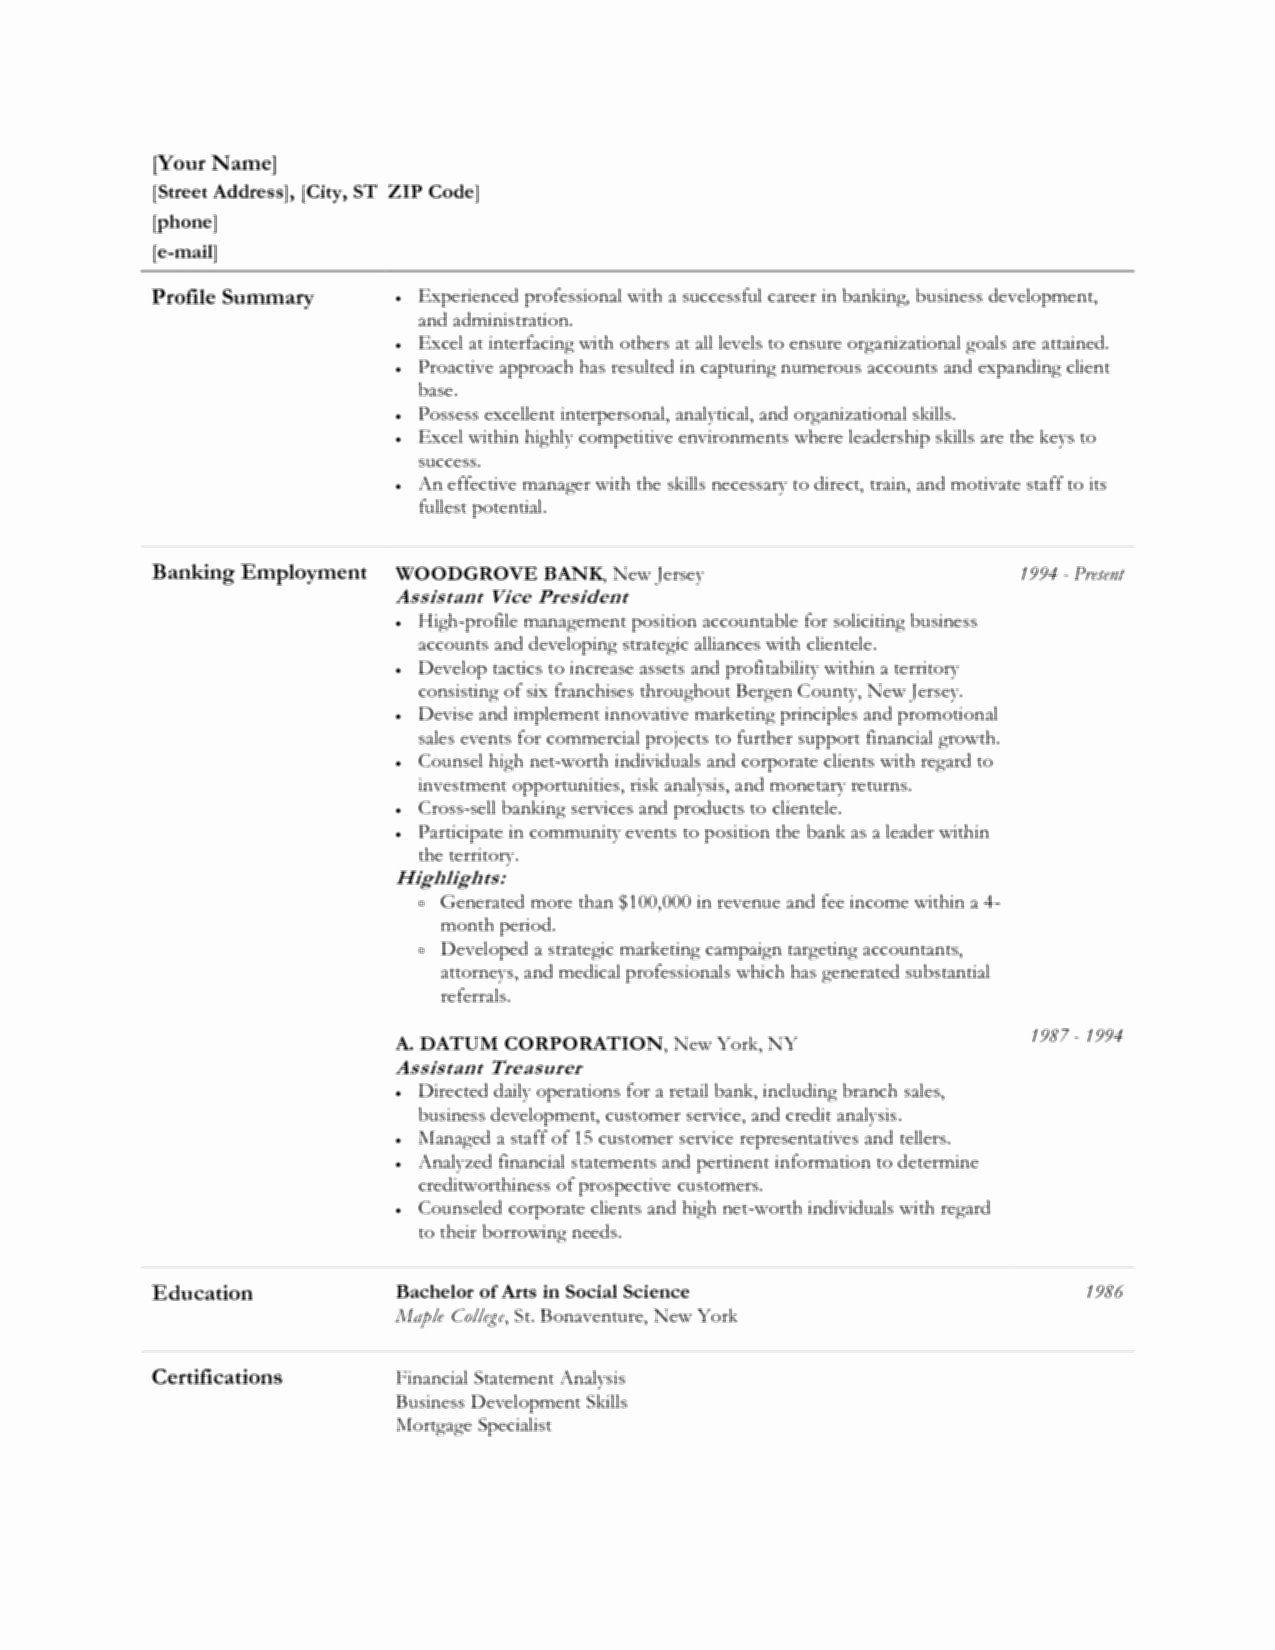 Bank teller job description for resume elegant bank teller